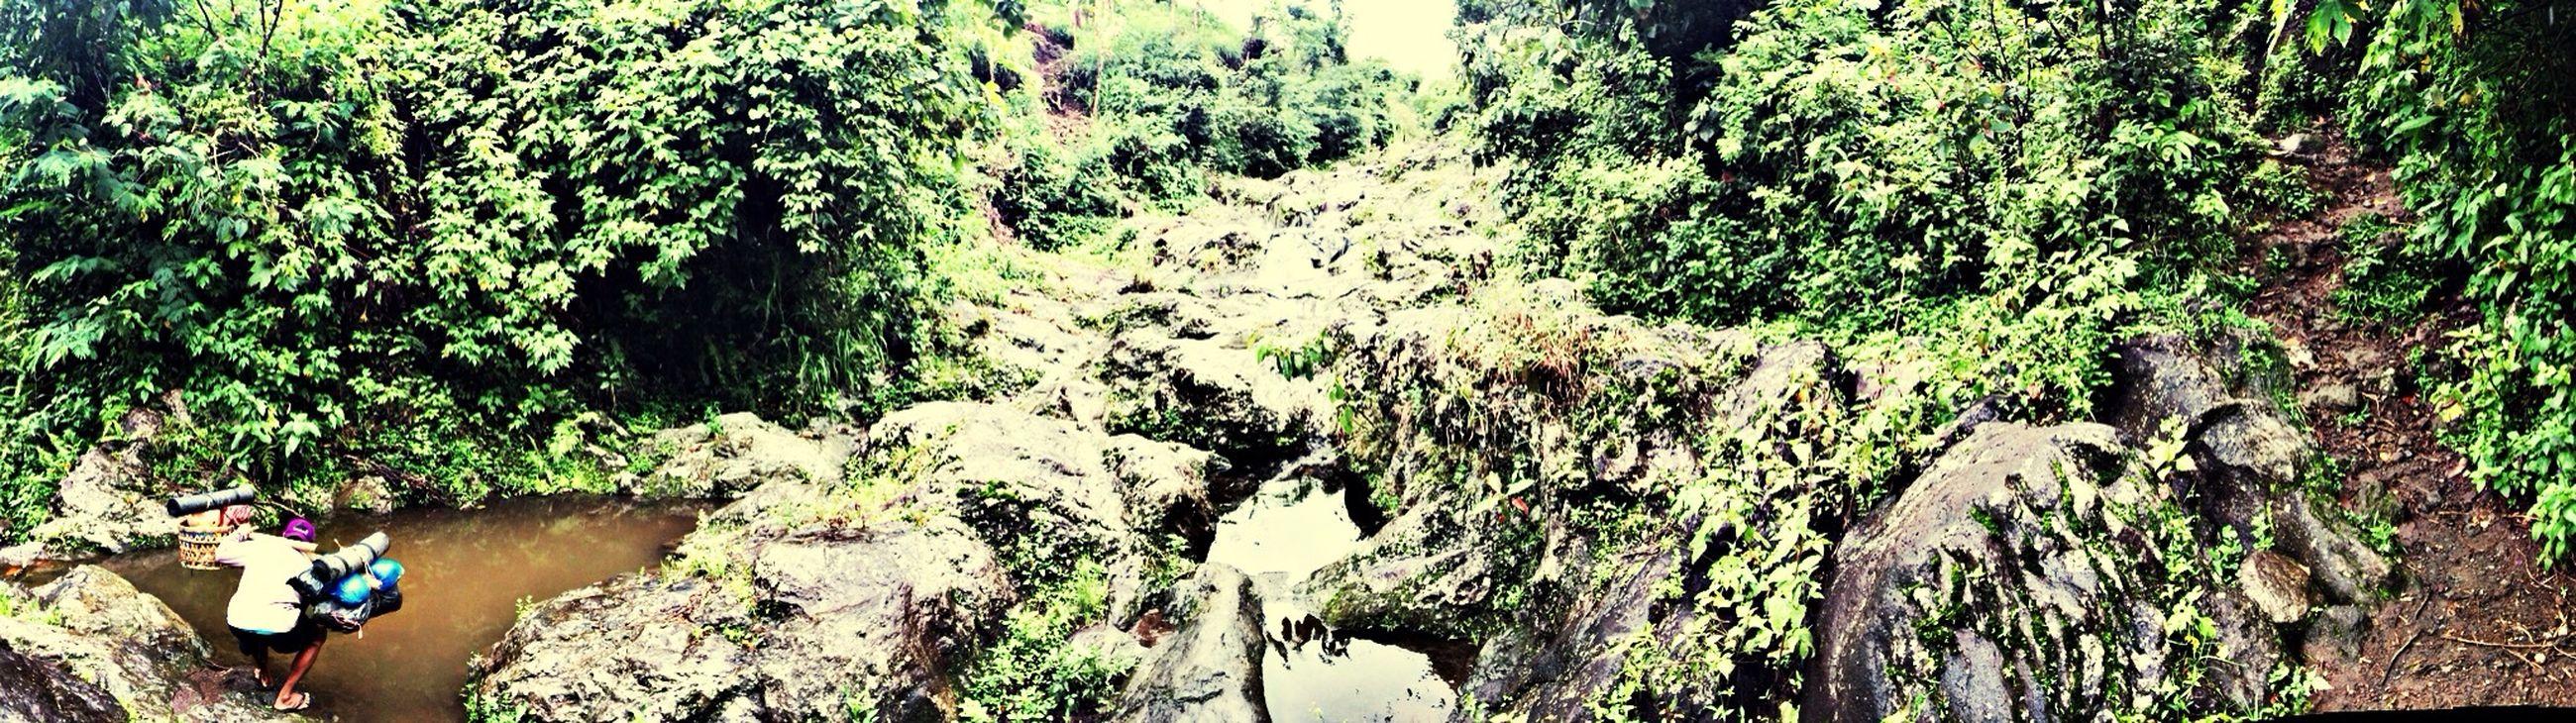 Trekking Jungle